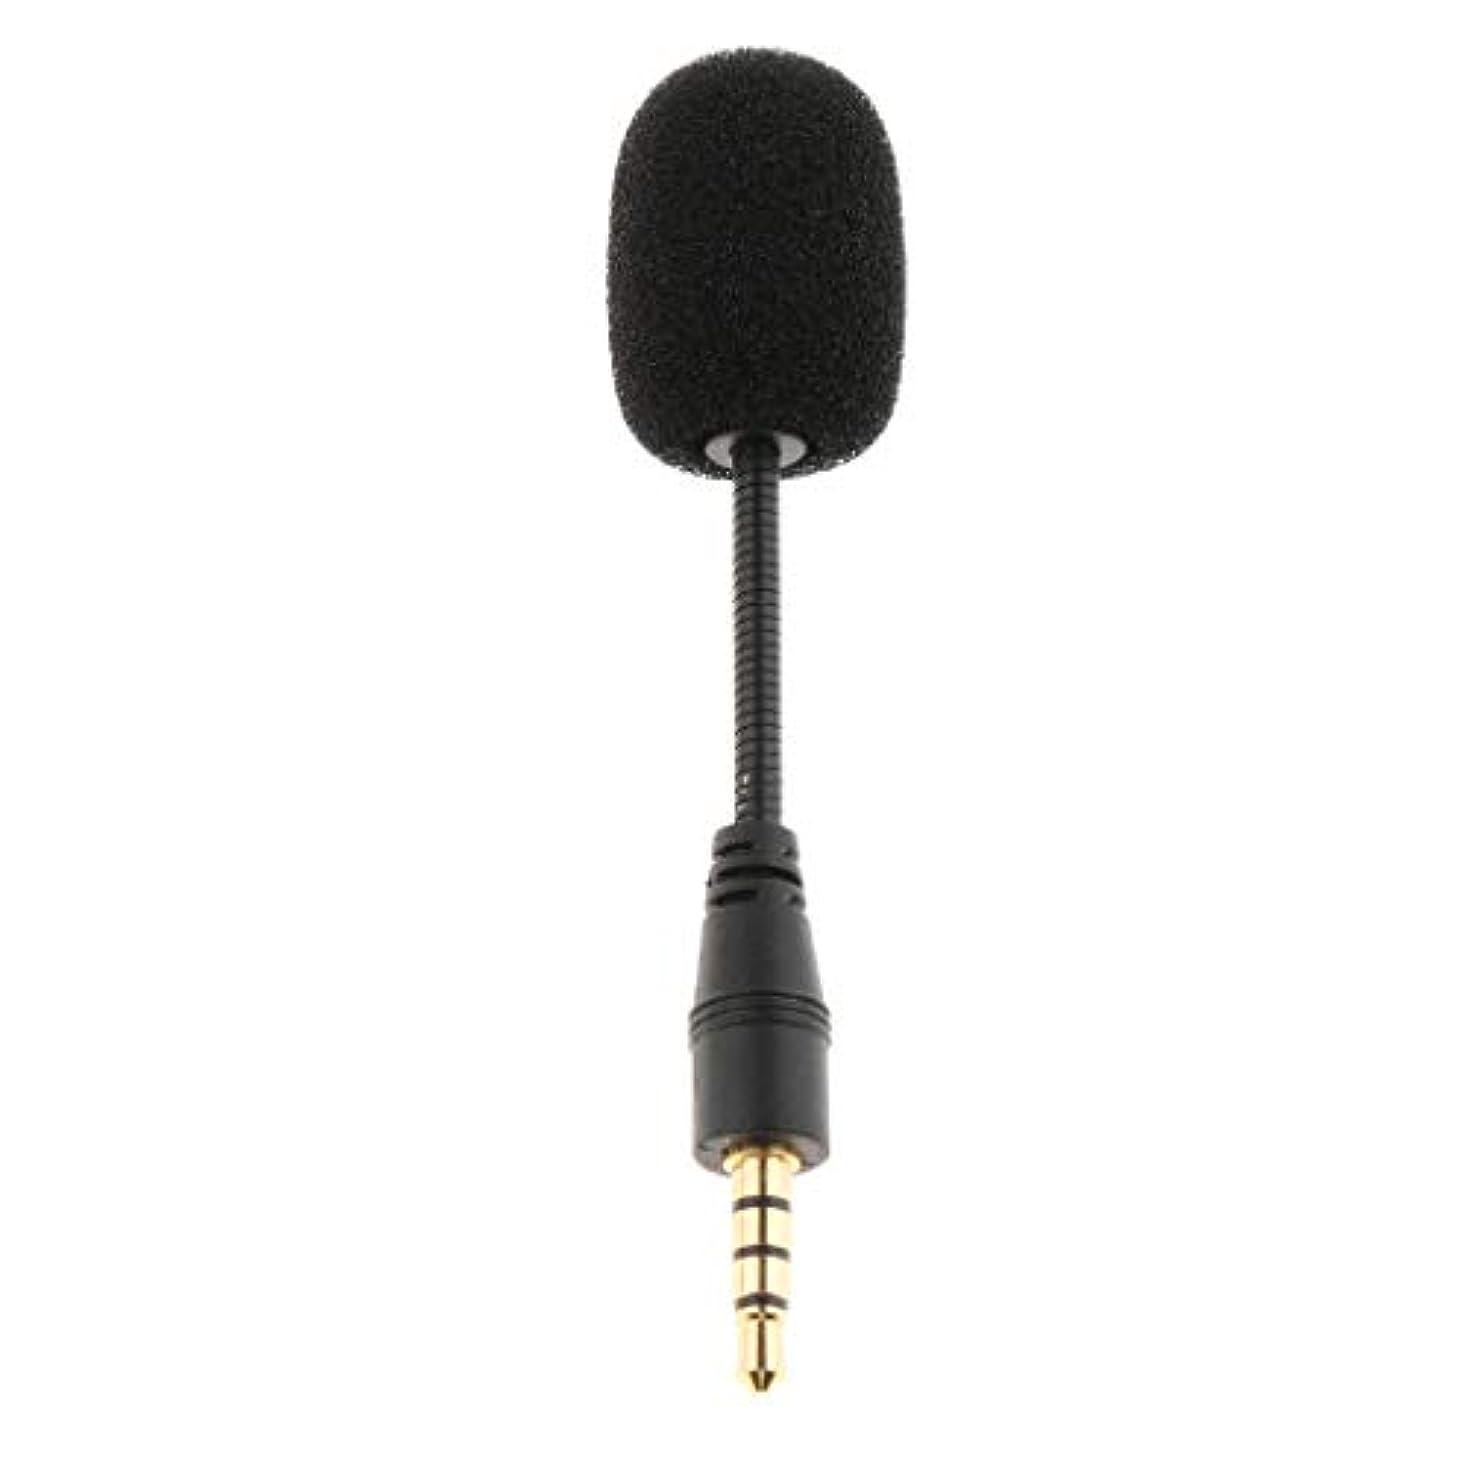 微視的識別リスキーなP Prettyia コンデンサーマイク スピーカーマイク ミニマイク ジャック付き 録音機器 音声アンプ 全3種 - 4極